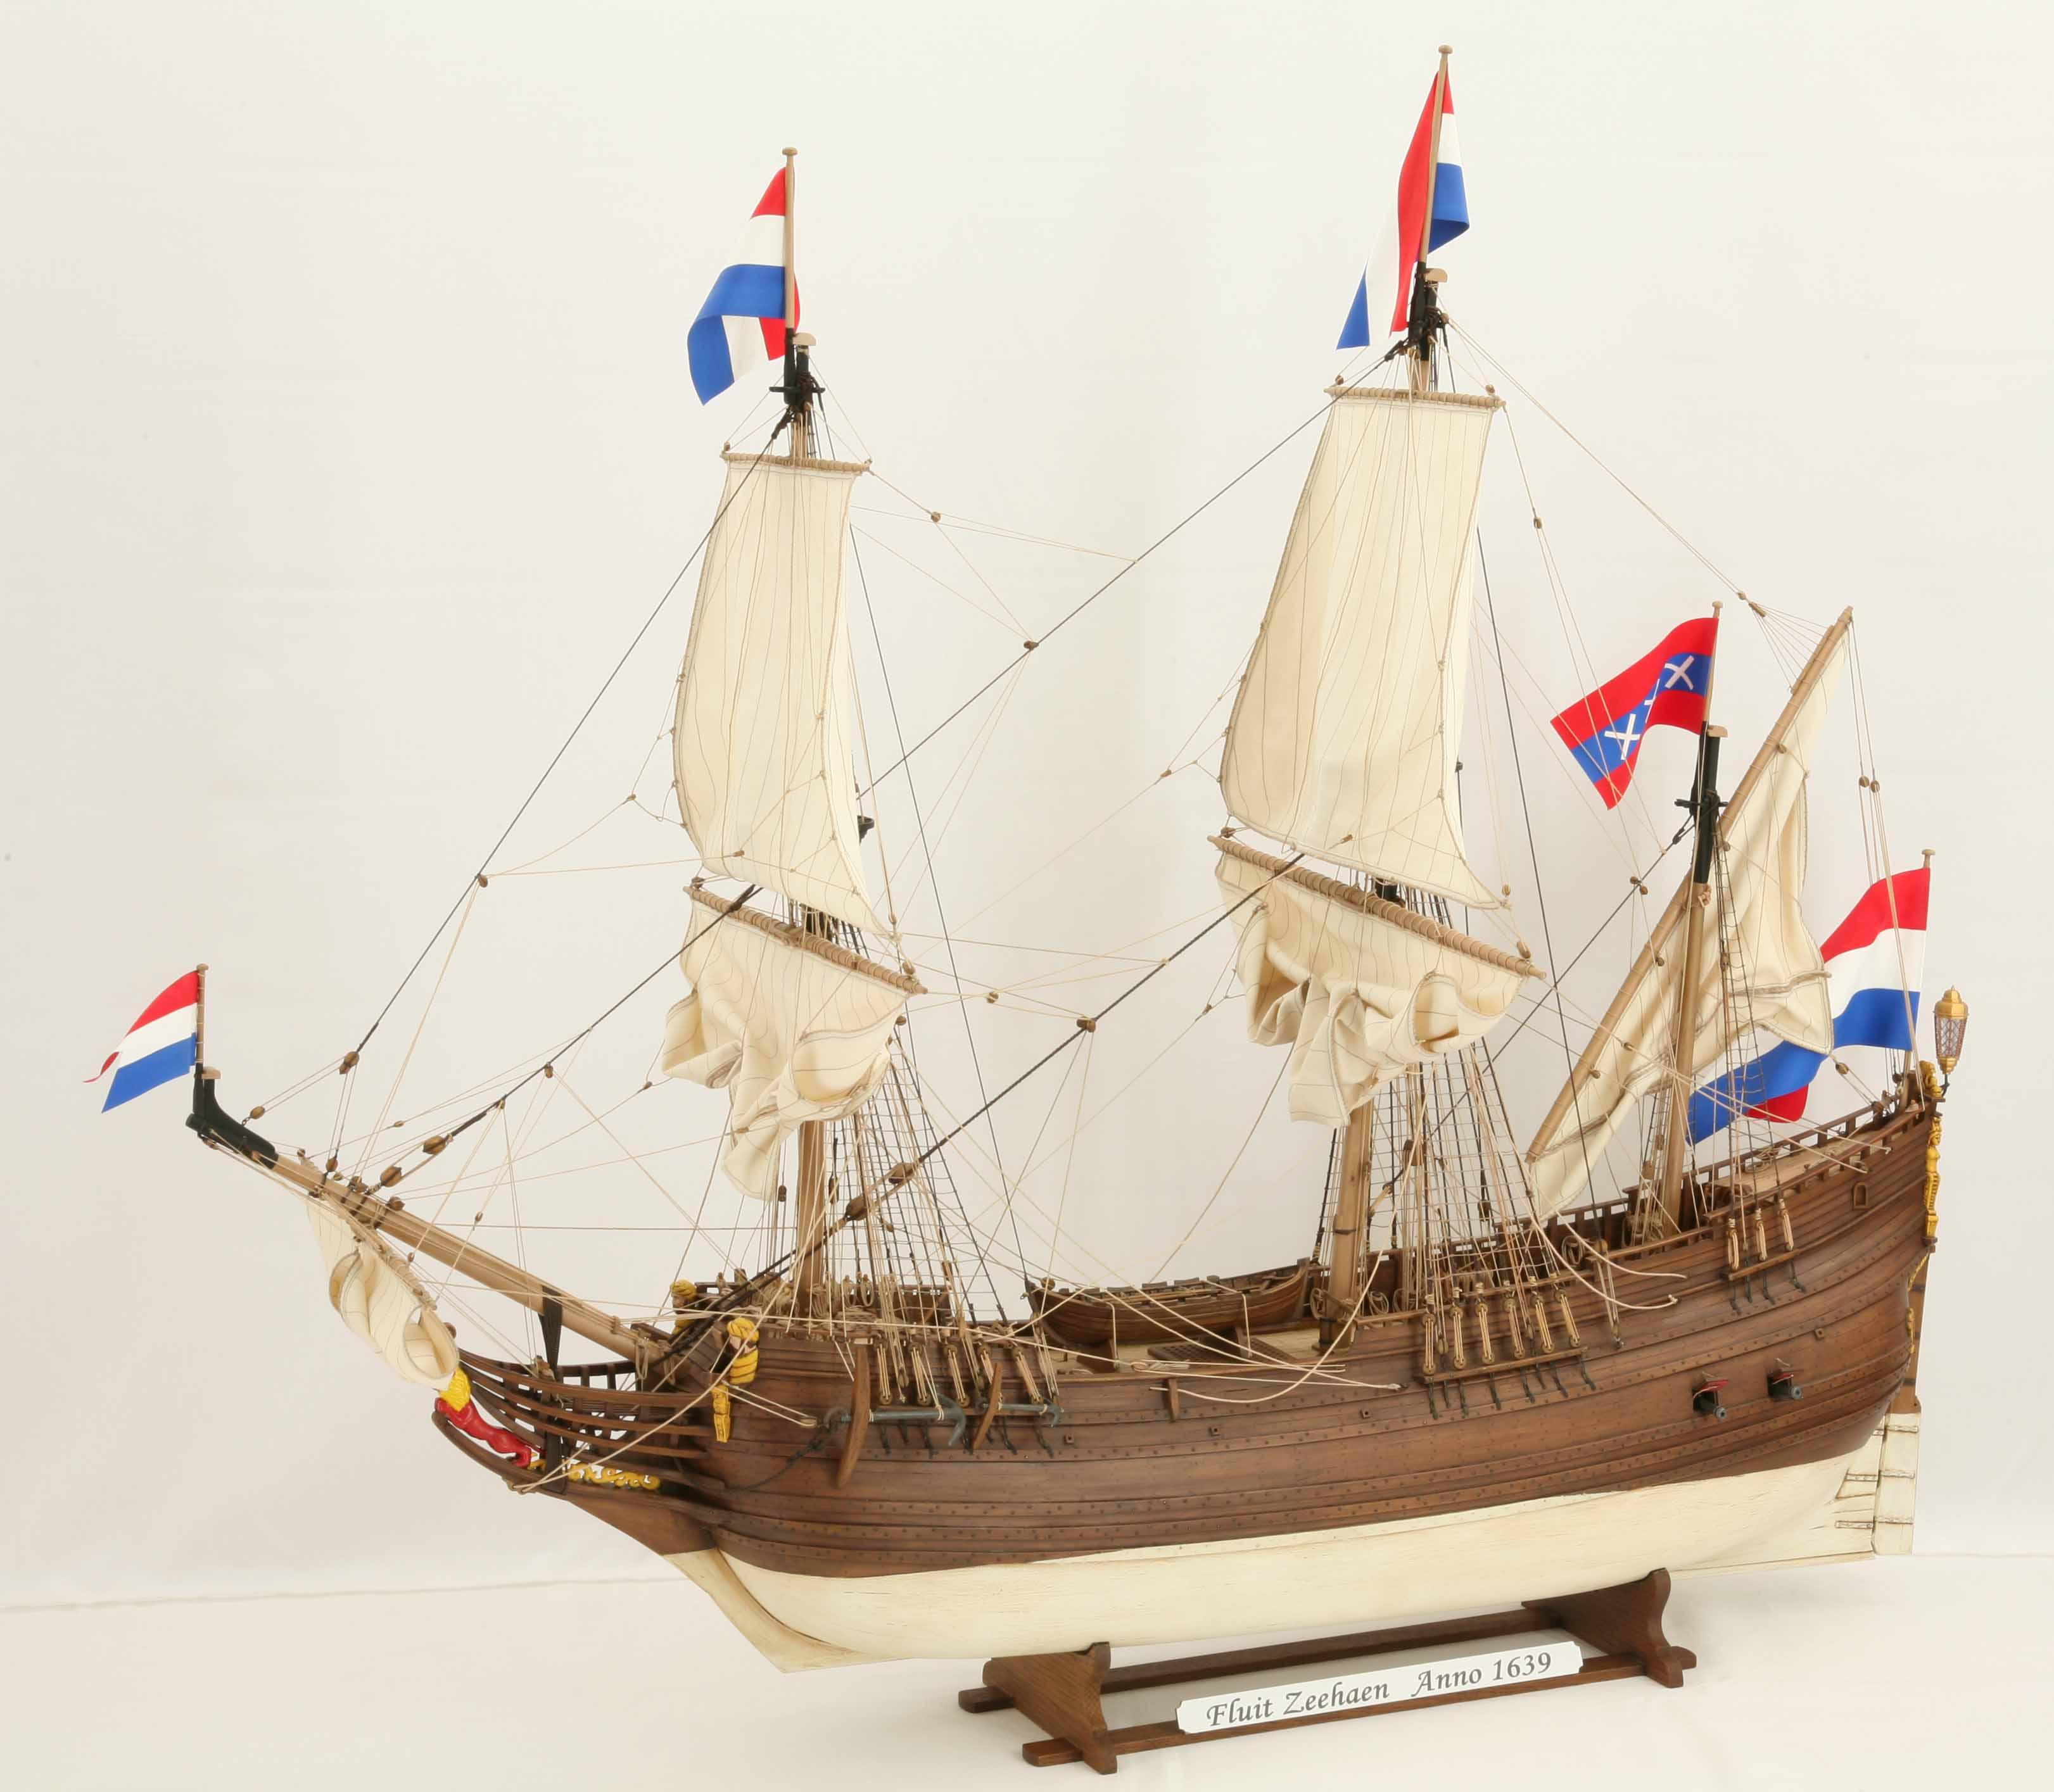 Drawn ship fluit Vessels ZEEHAEN jpg Dutch